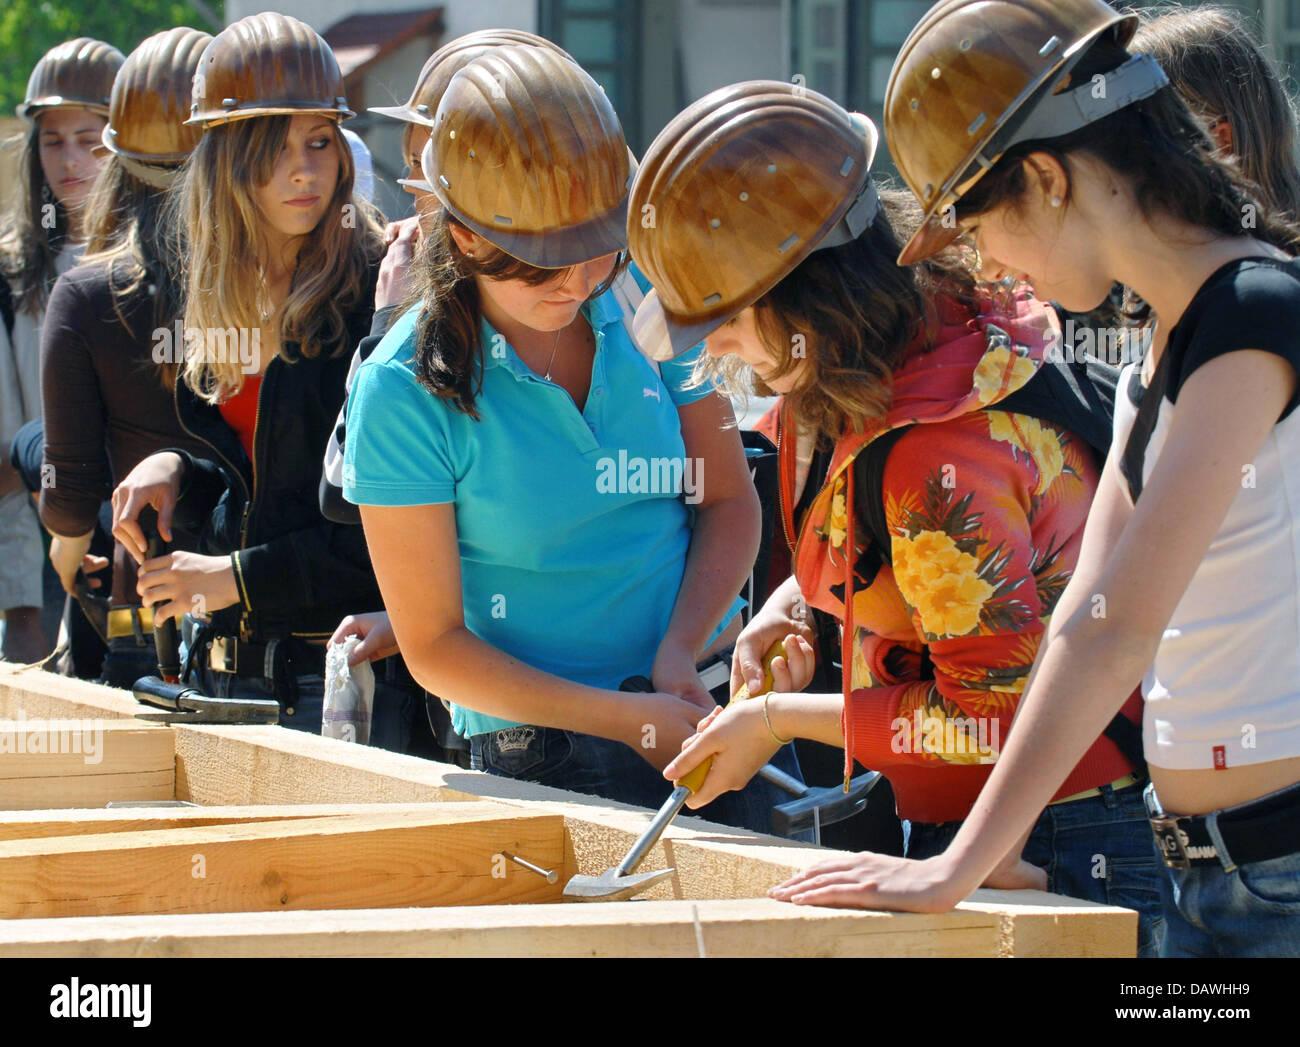 Las niñas hacen el trabajo de los carpinteros en Muenchsmuenster, Alemania, el 26 de abril de 2007. El 7º día de 'chicas'' está de nuevo en la promoción de trabajos típicamente masculinos como factible para las niñas. Foto: Armin Weigel Foto de stock